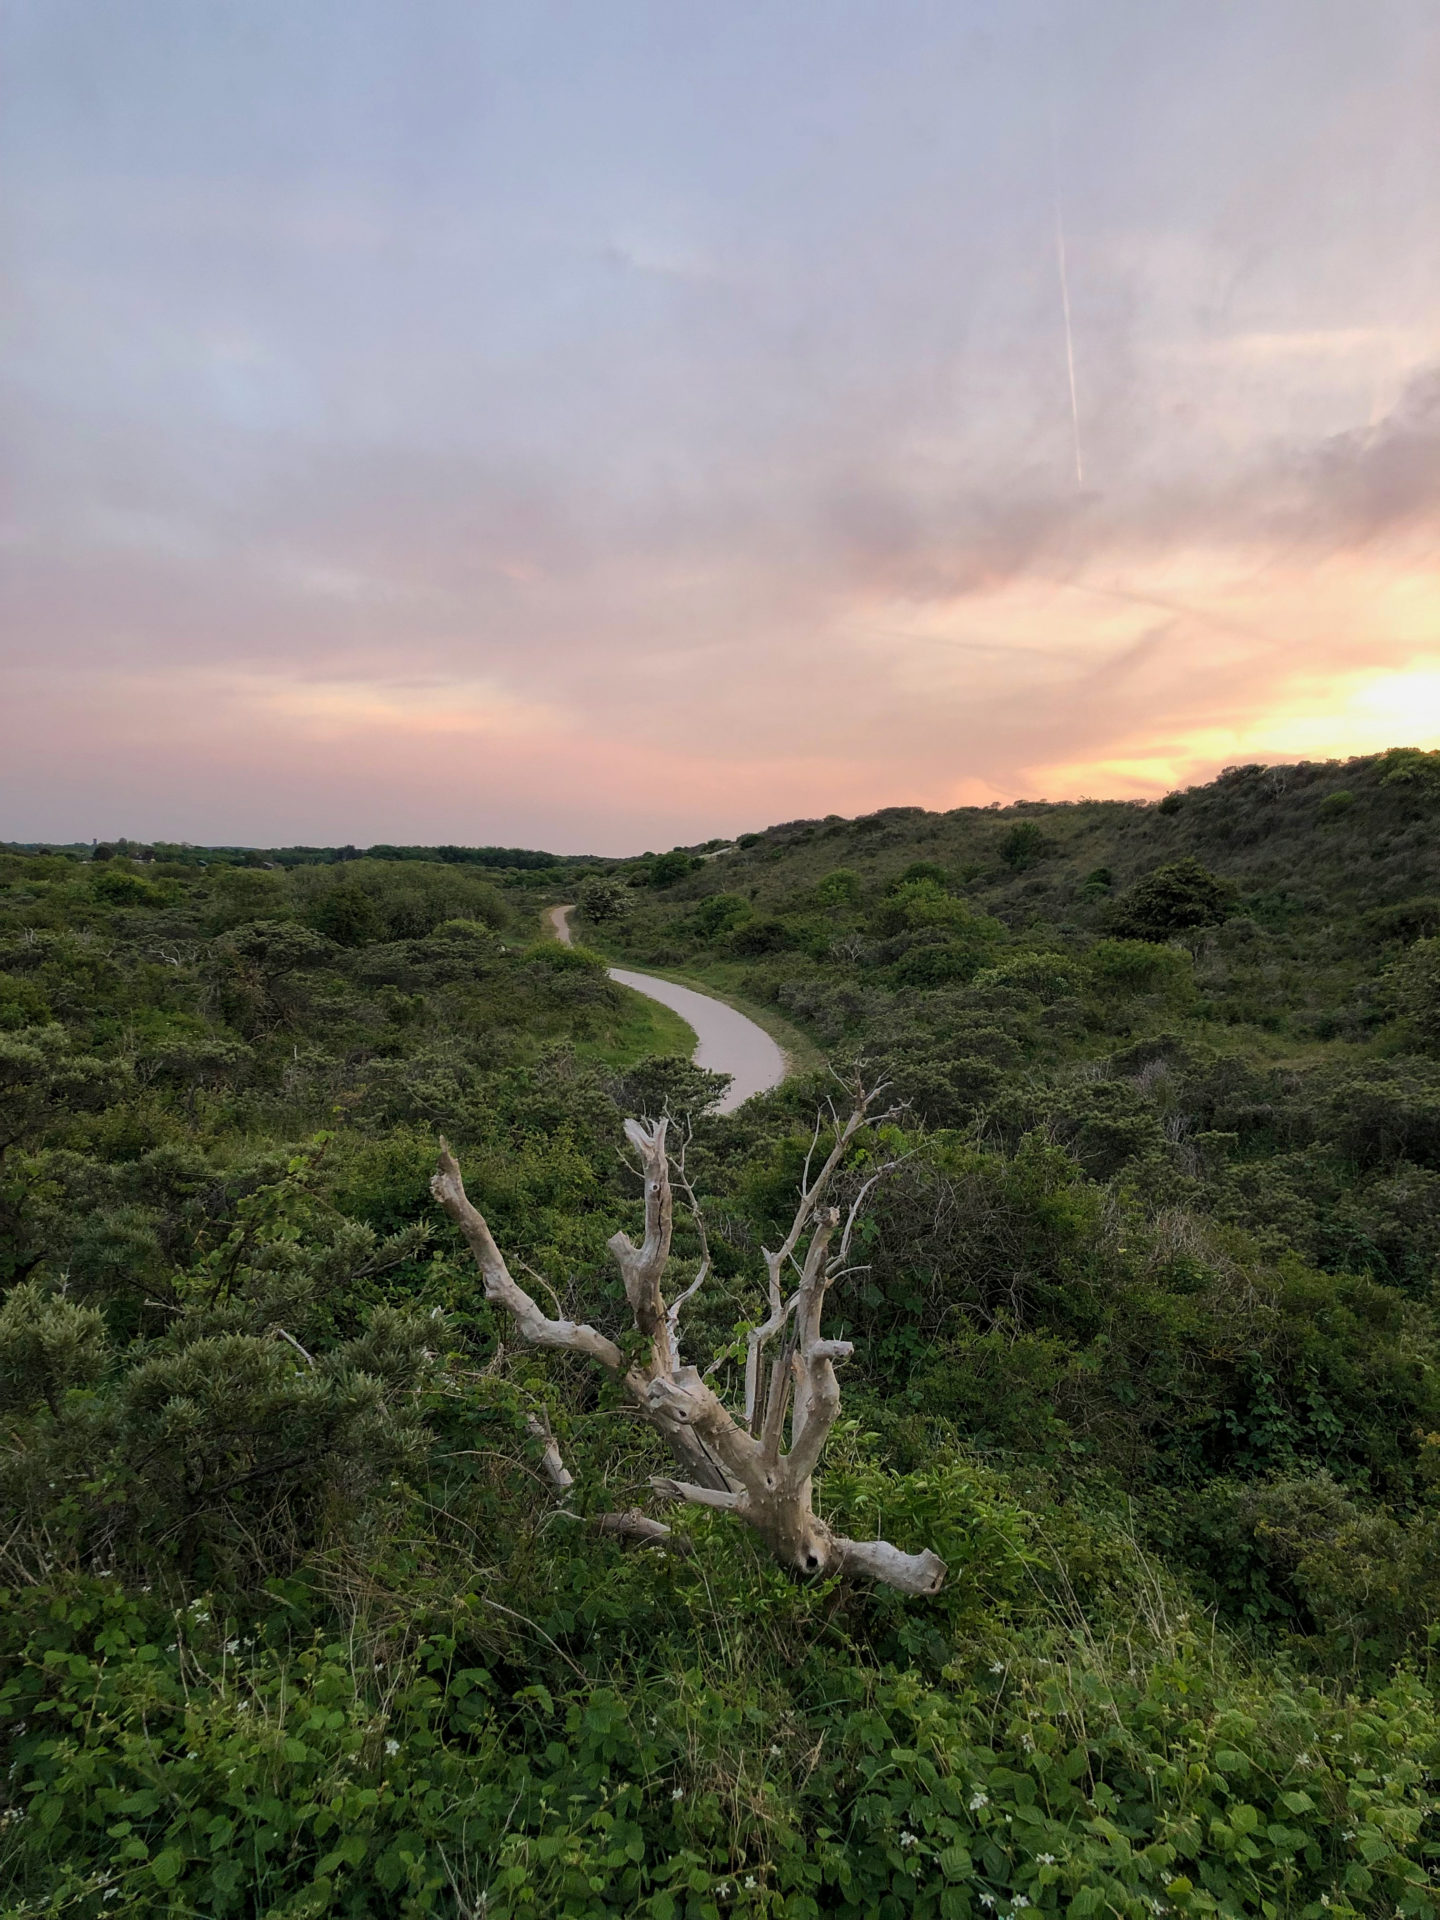 Wanderweg in den Dünen von Zeeland auch bekannt als Perlenroute